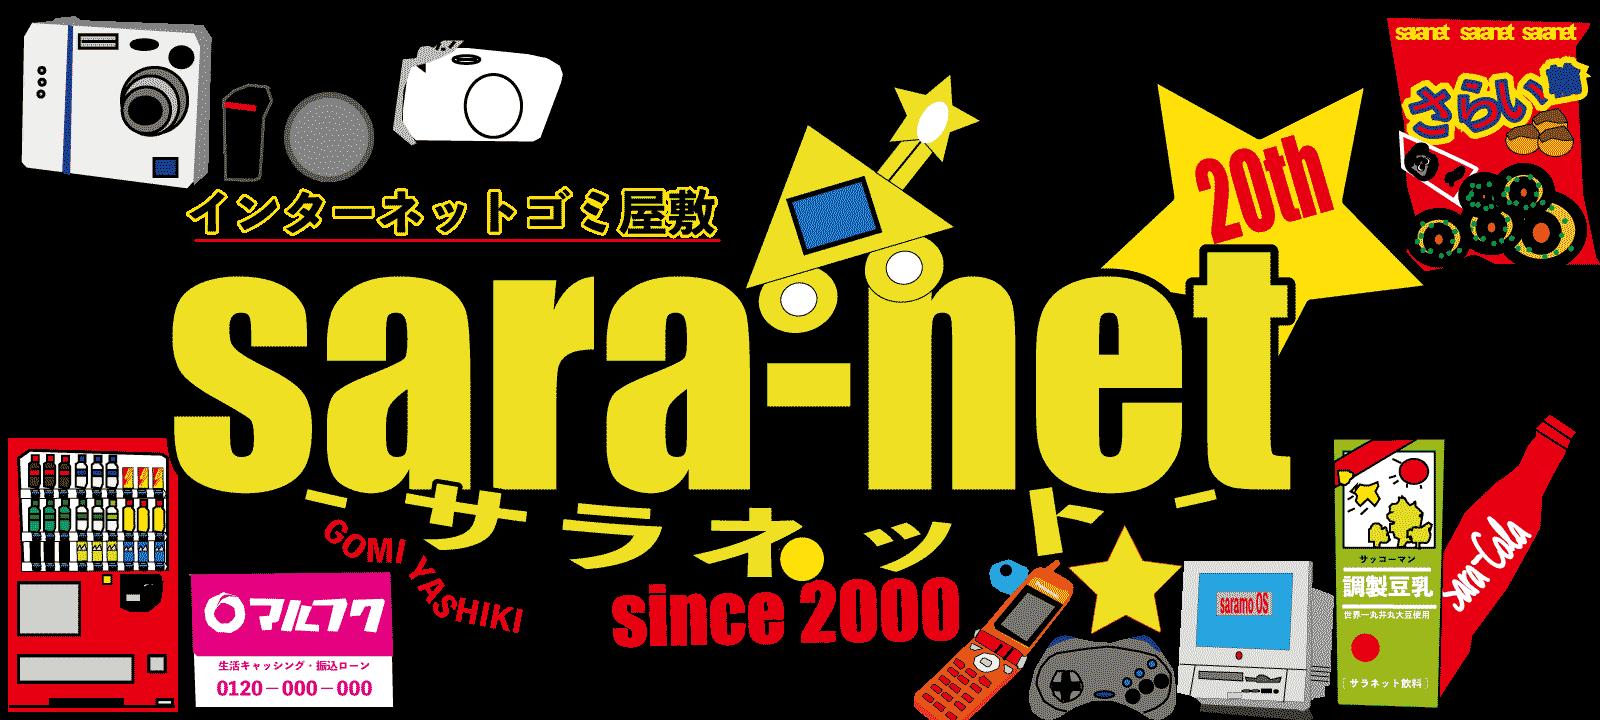 インターネットゴミ屋敷 sara-net -サラネット-